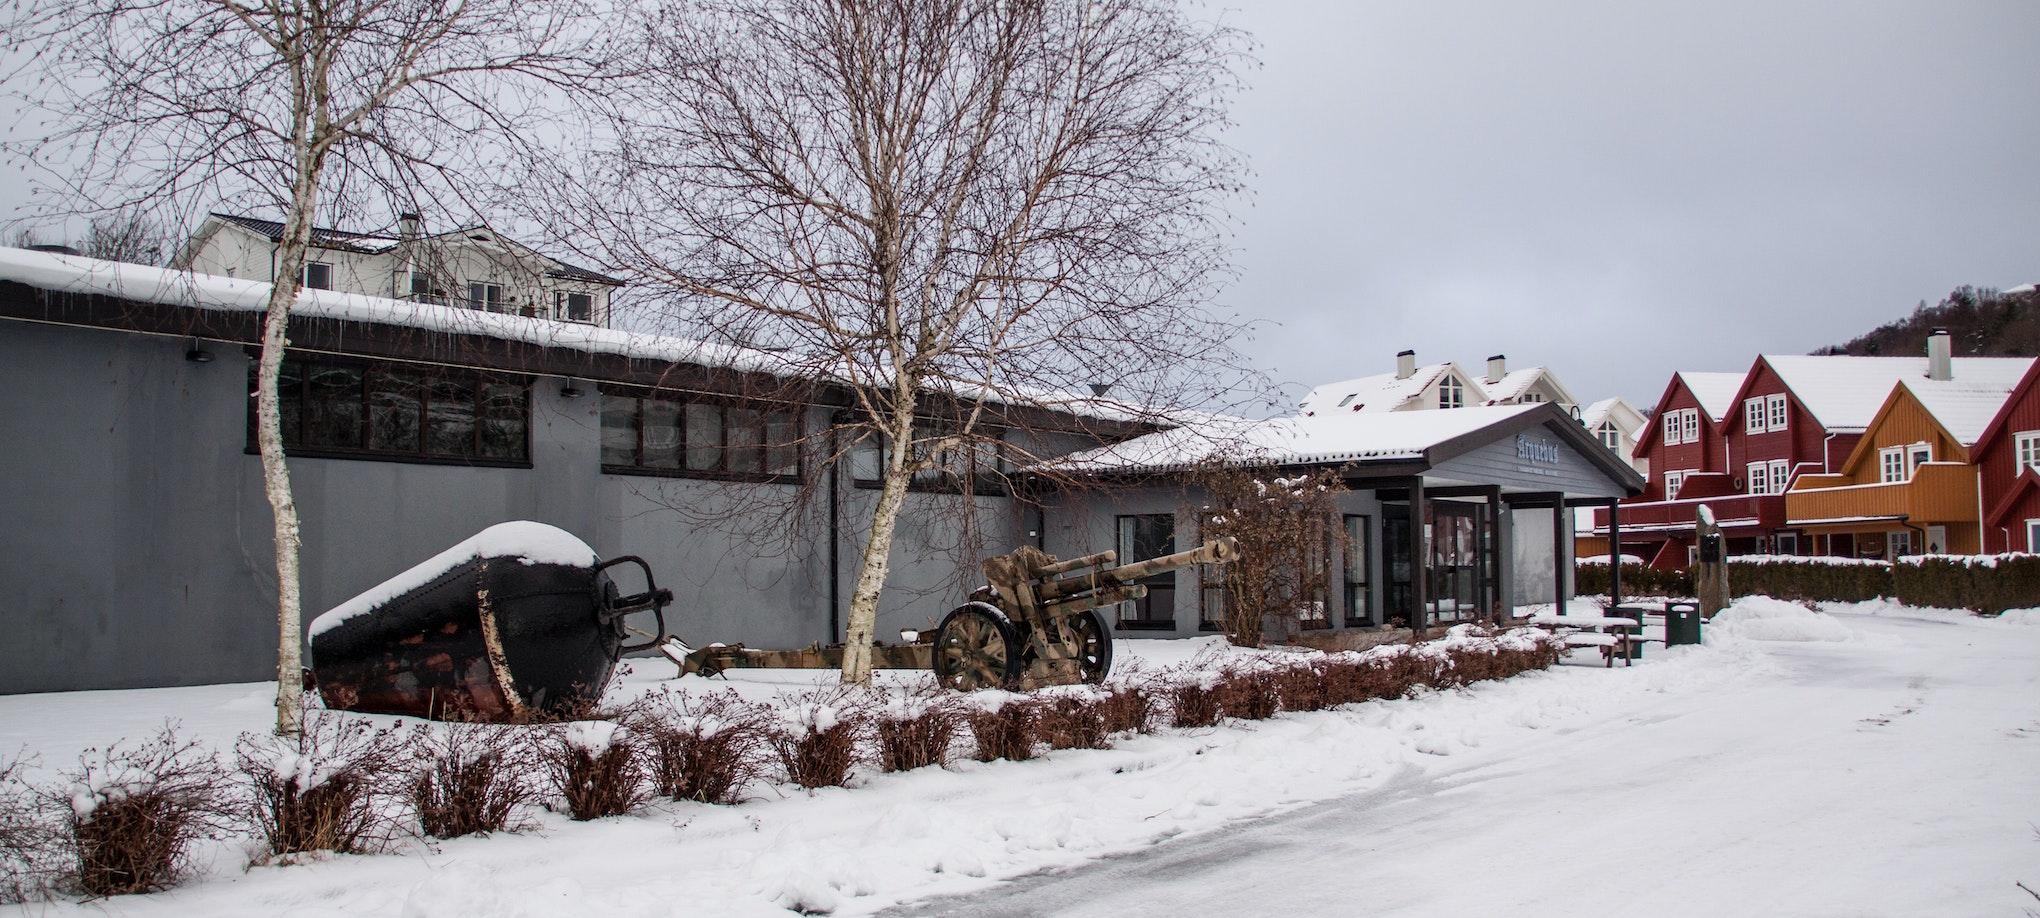 Arquebus krigshistorisk museum, sett utenfra. Viser inngangspartiet.